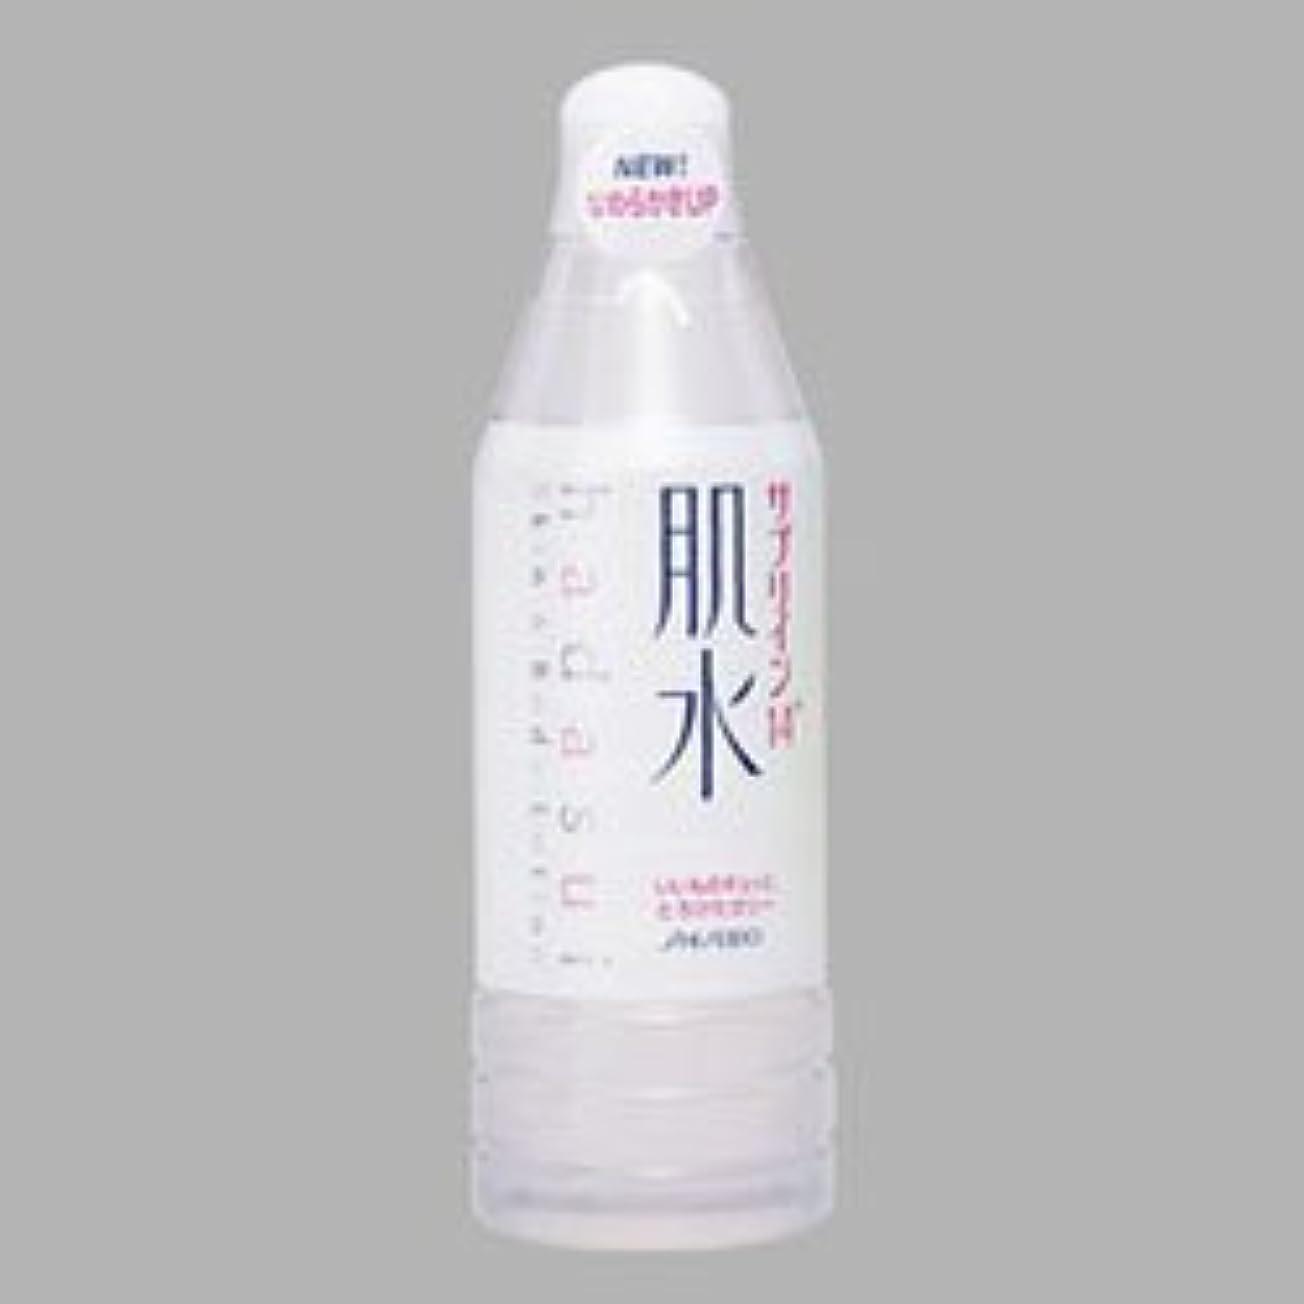 険しい包囲溶接【エフティ資生堂】肌水サプリイン14+ (ボトル) 400ml☆☆ ×10個セット